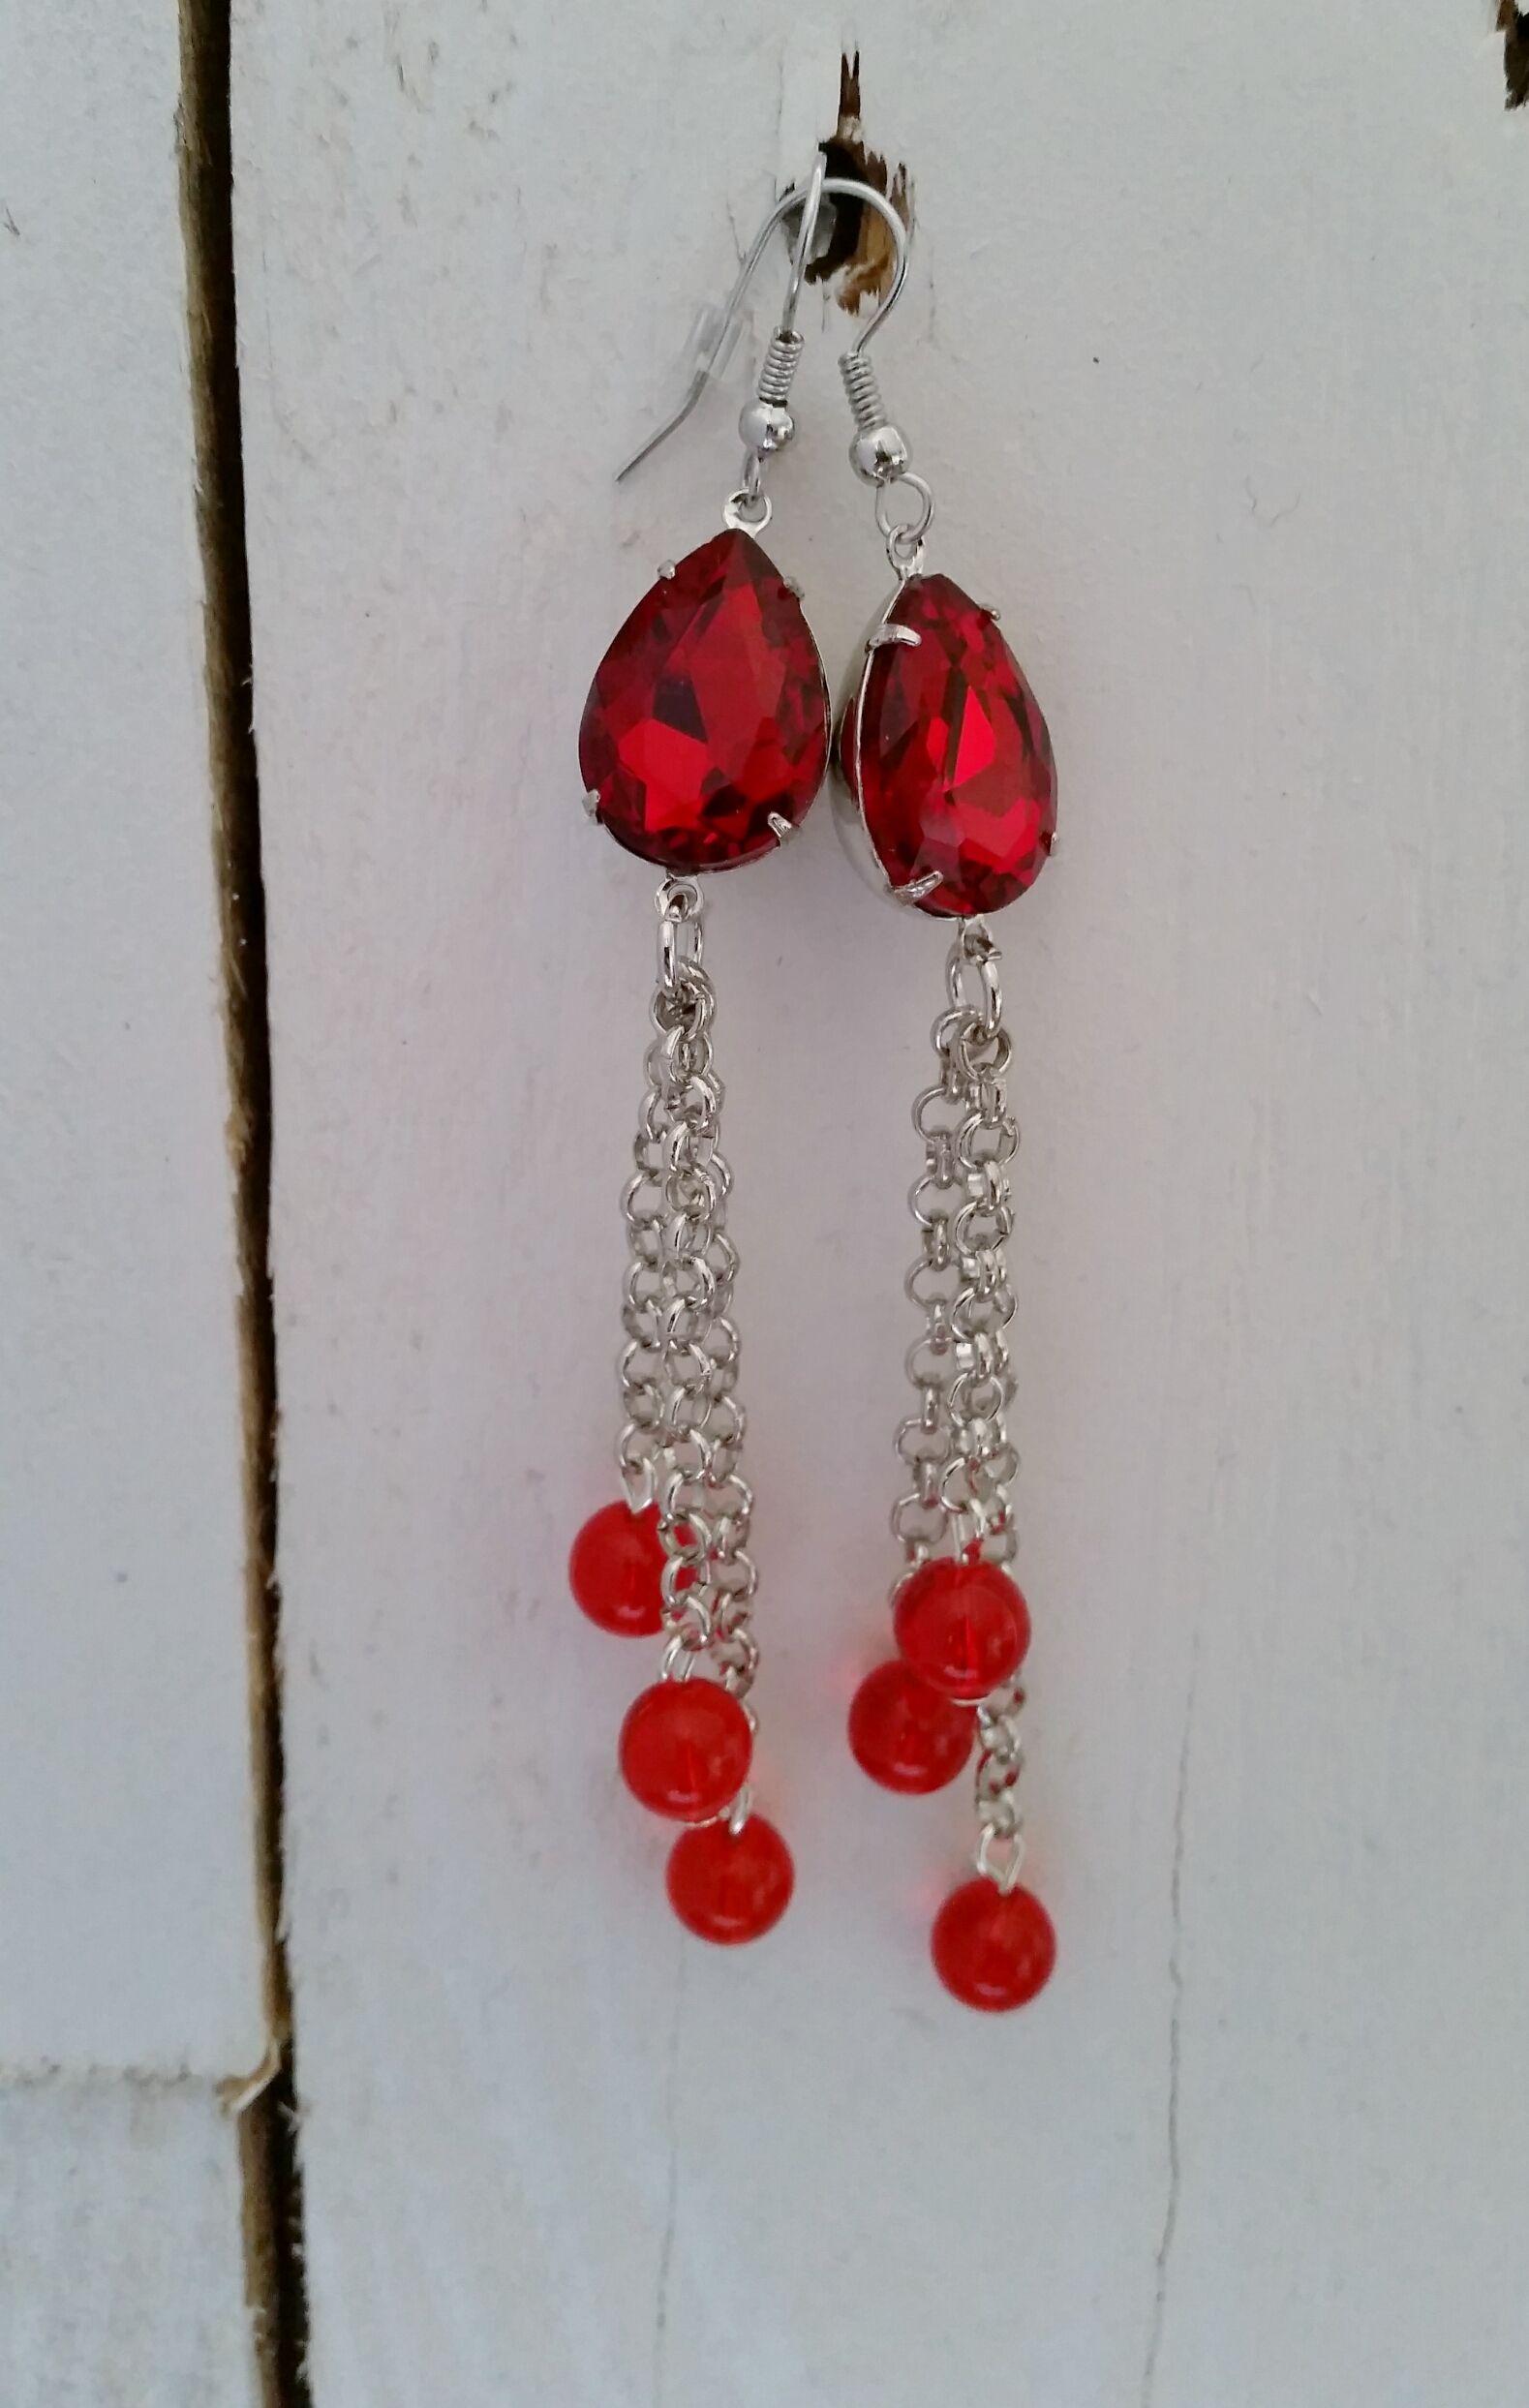 Lange rode oorbellen (10,5 cm) gemaakt met een facet geslepen puntsteen en rode glaskralen. http://www.yomesieraden.nl/dames/oorbellen/oorbellen-whero-roa.html